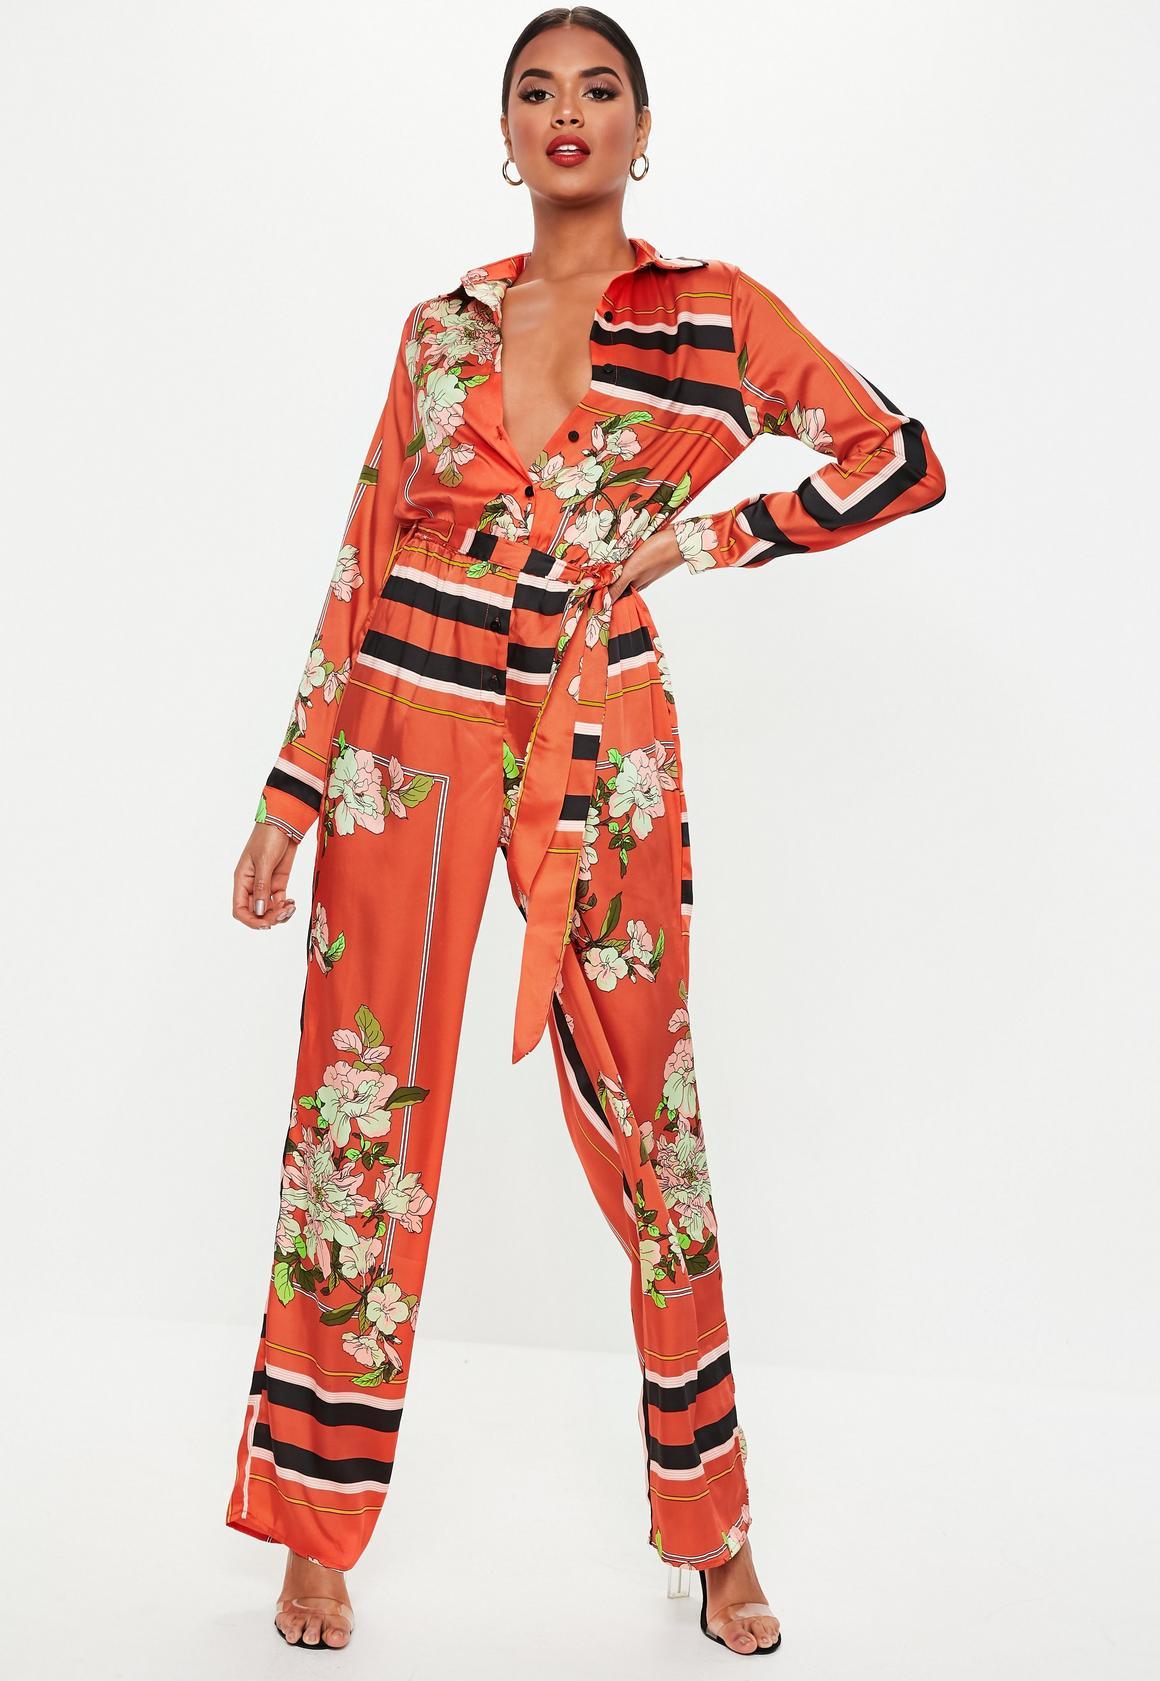 0c01e4c2c0 Red Floral Print Wide Leg Jumpsuit. Previous Next